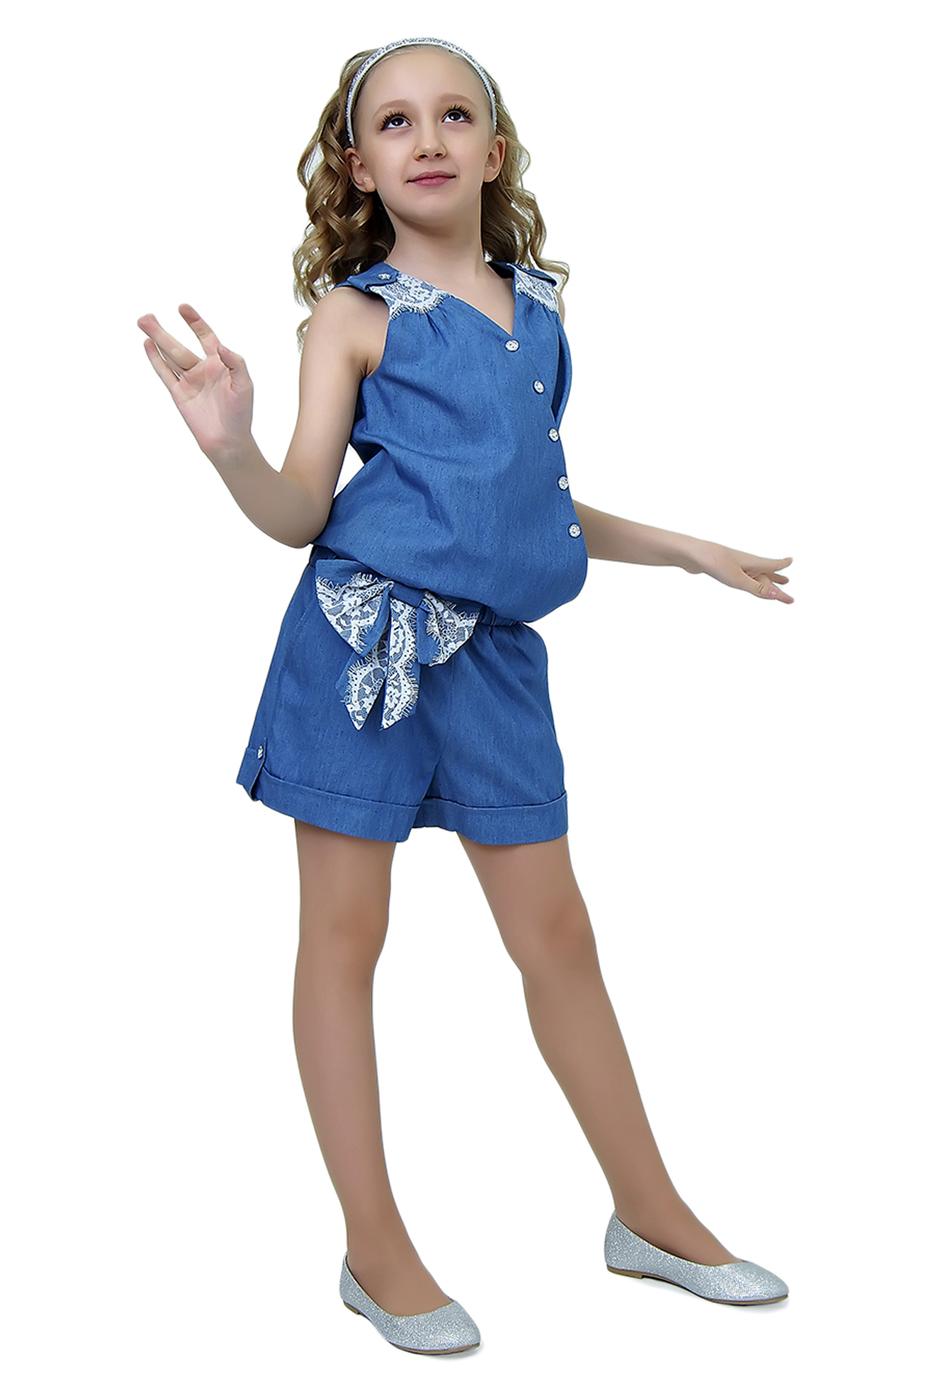 2К12-2, Комбинезон детский Ladetto, цв. голубой, р-р 158, Повседневные комбинезоны для девочек  - купить со скидкой